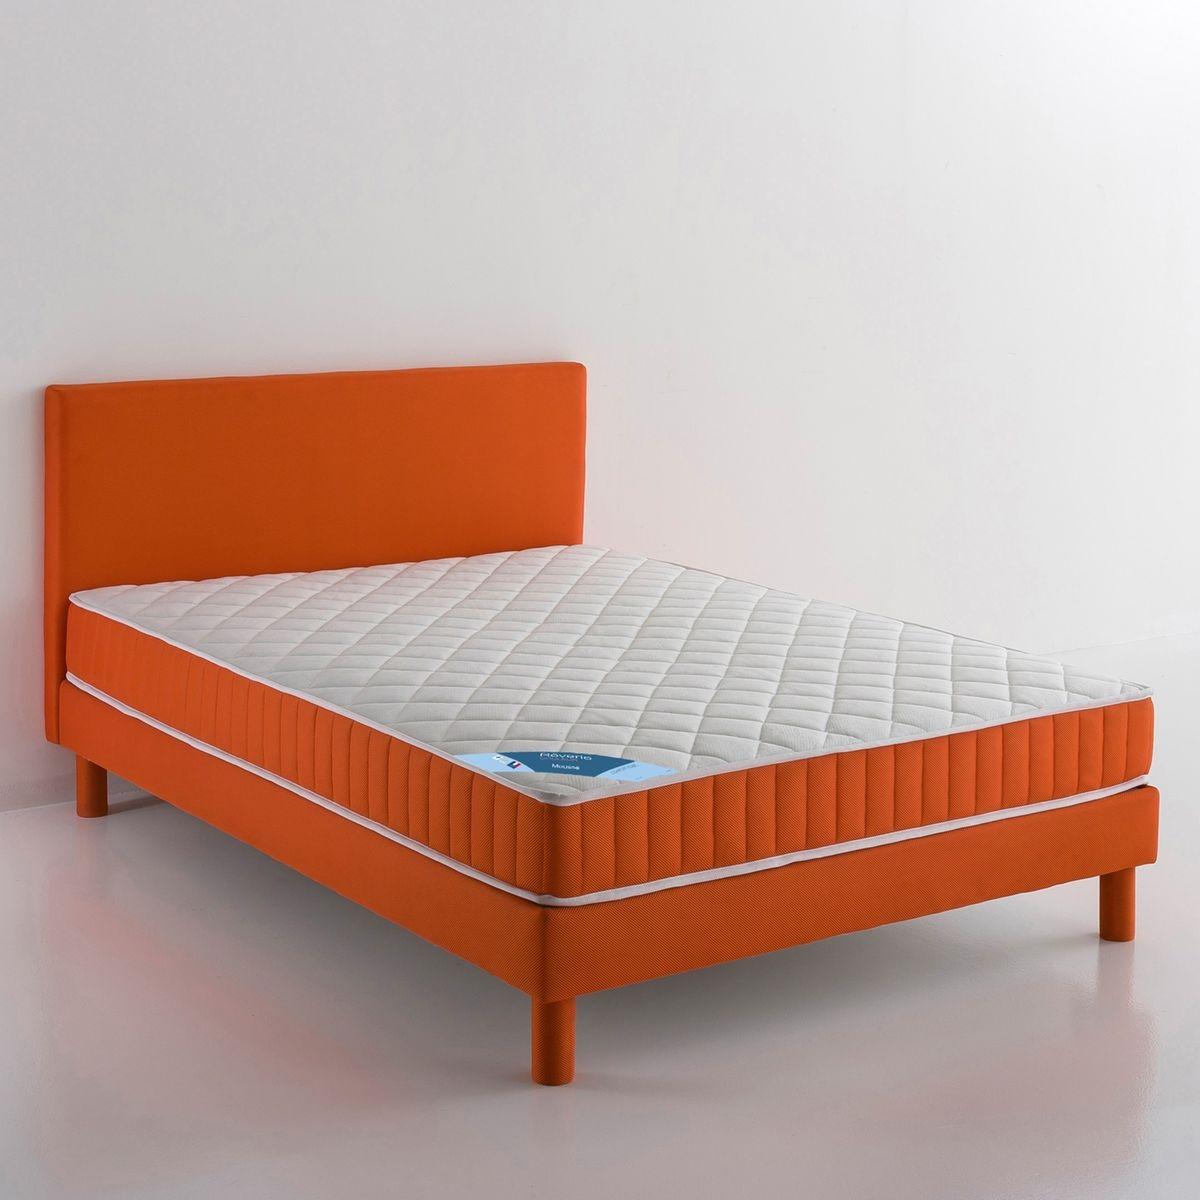 matelas mousse confort ferme haut 16 cm. Black Bedroom Furniture Sets. Home Design Ideas